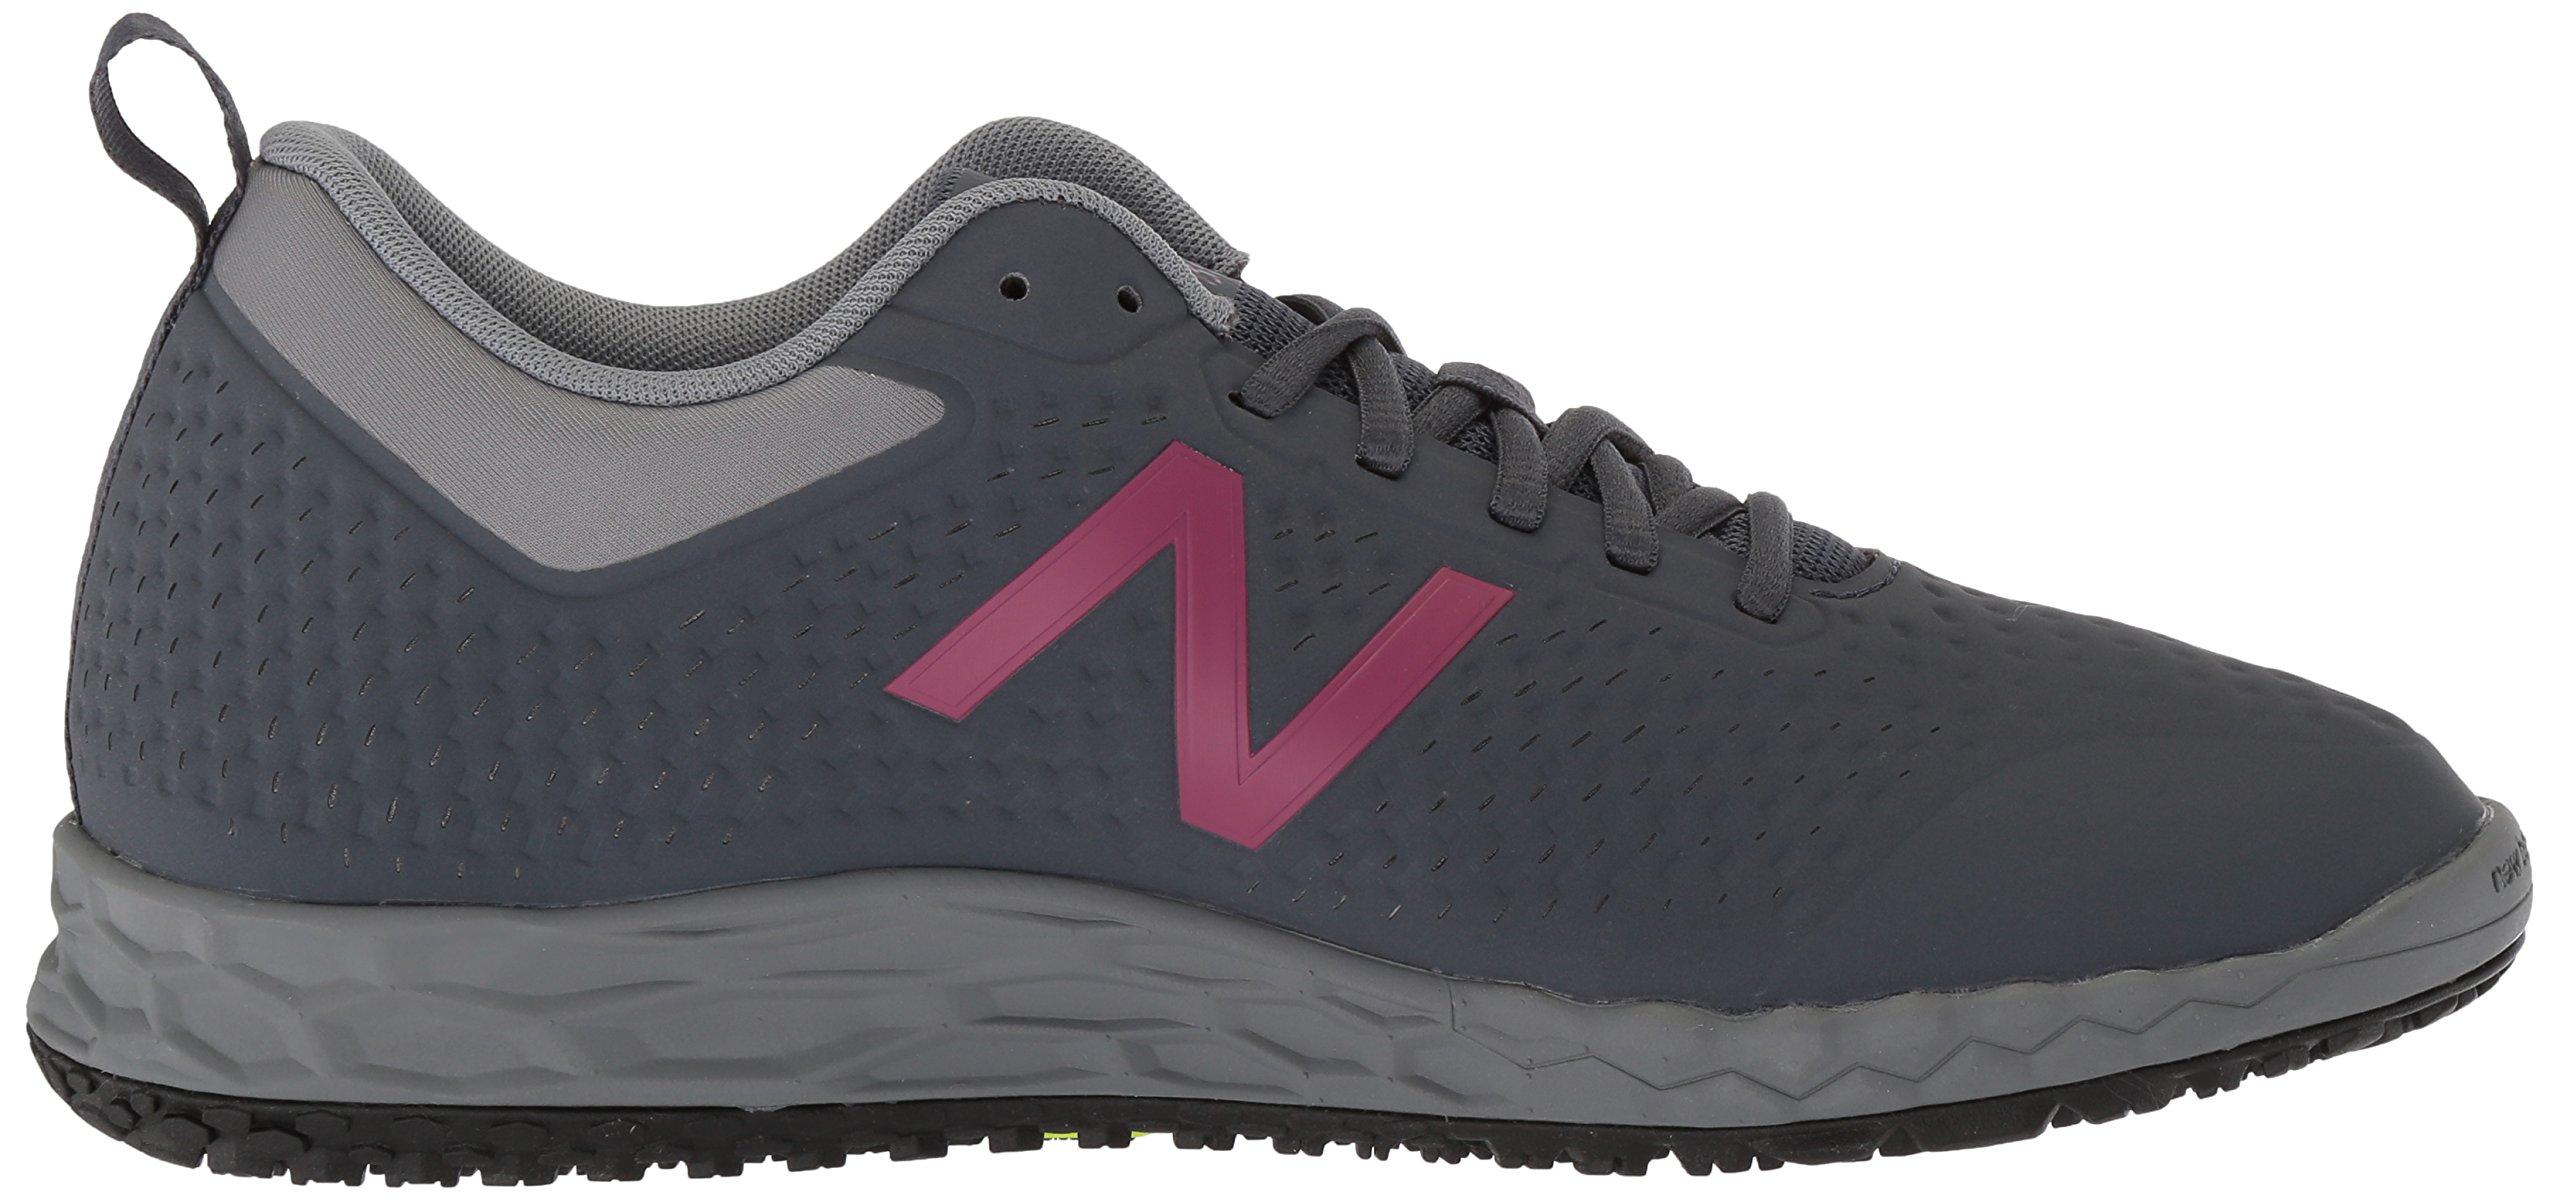 New Balance Women's 806v1 Work Training Shoe, Grey, 10.5 B US by New Balance (Image #6)